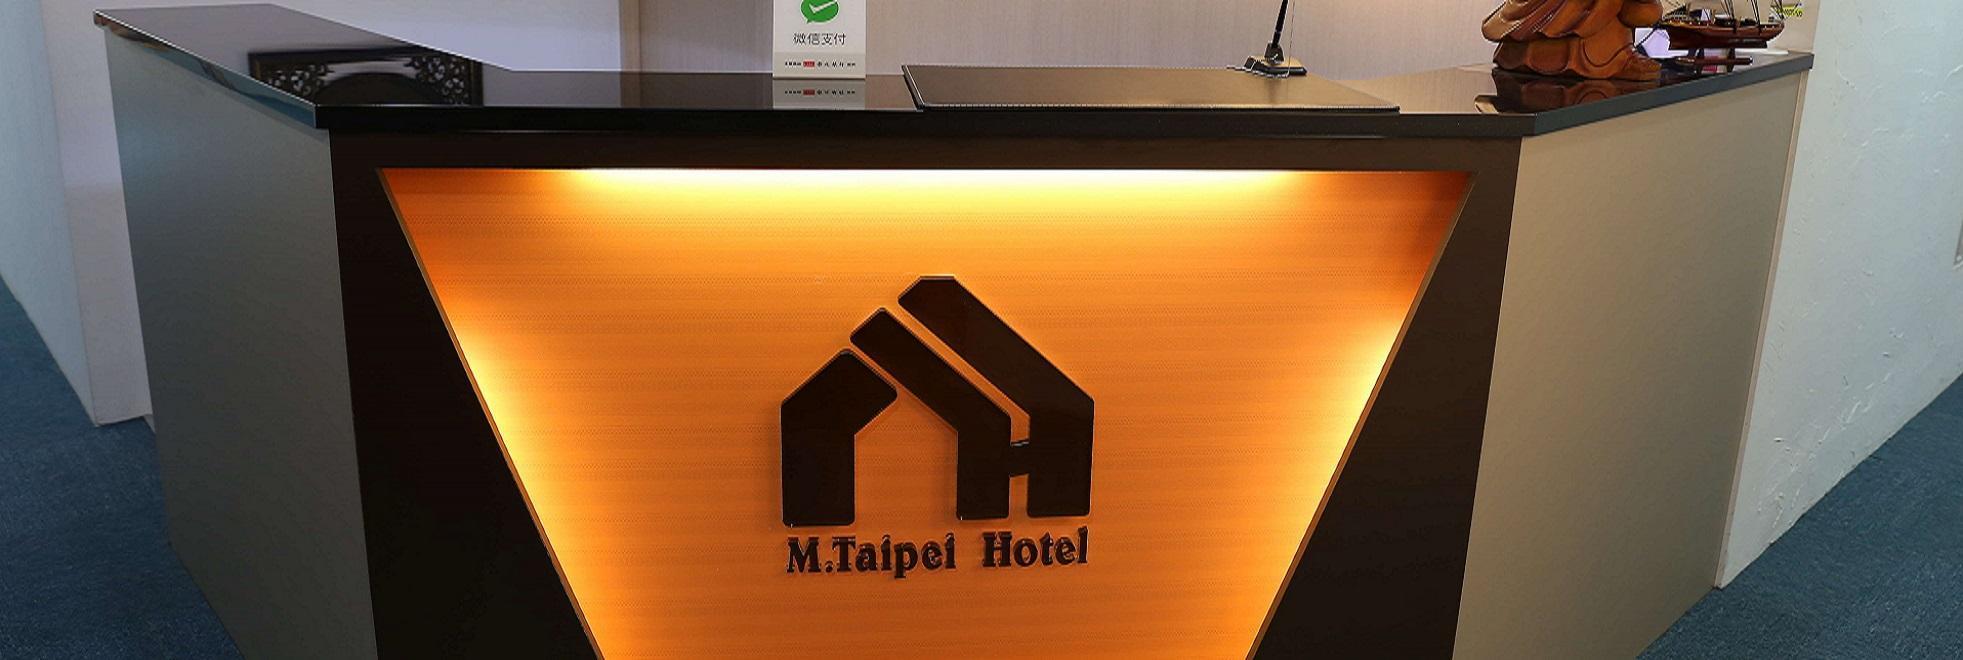 M Taipei Hotel